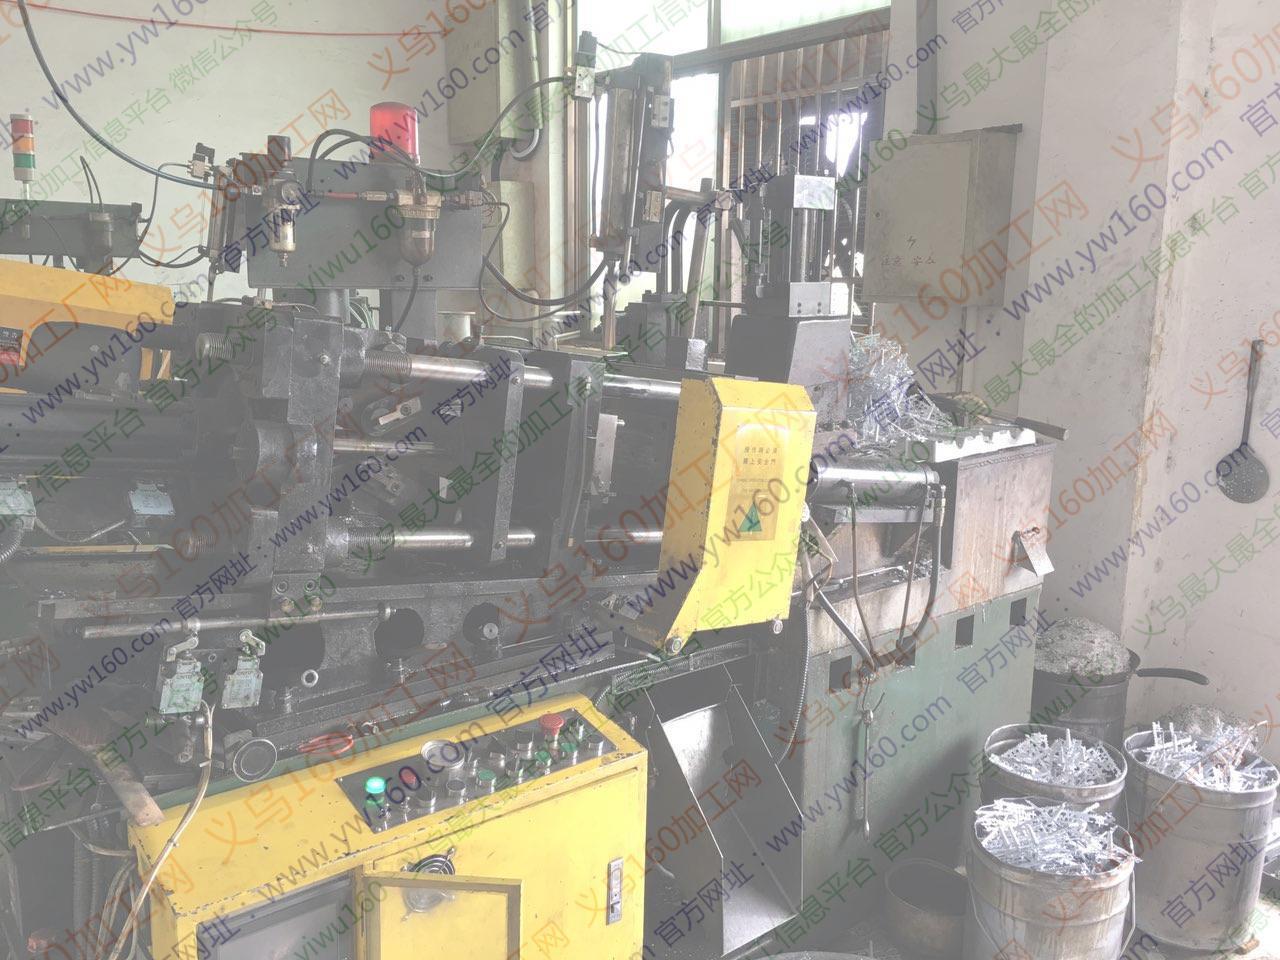 义乌锌合金压铸加工158-6899-7488